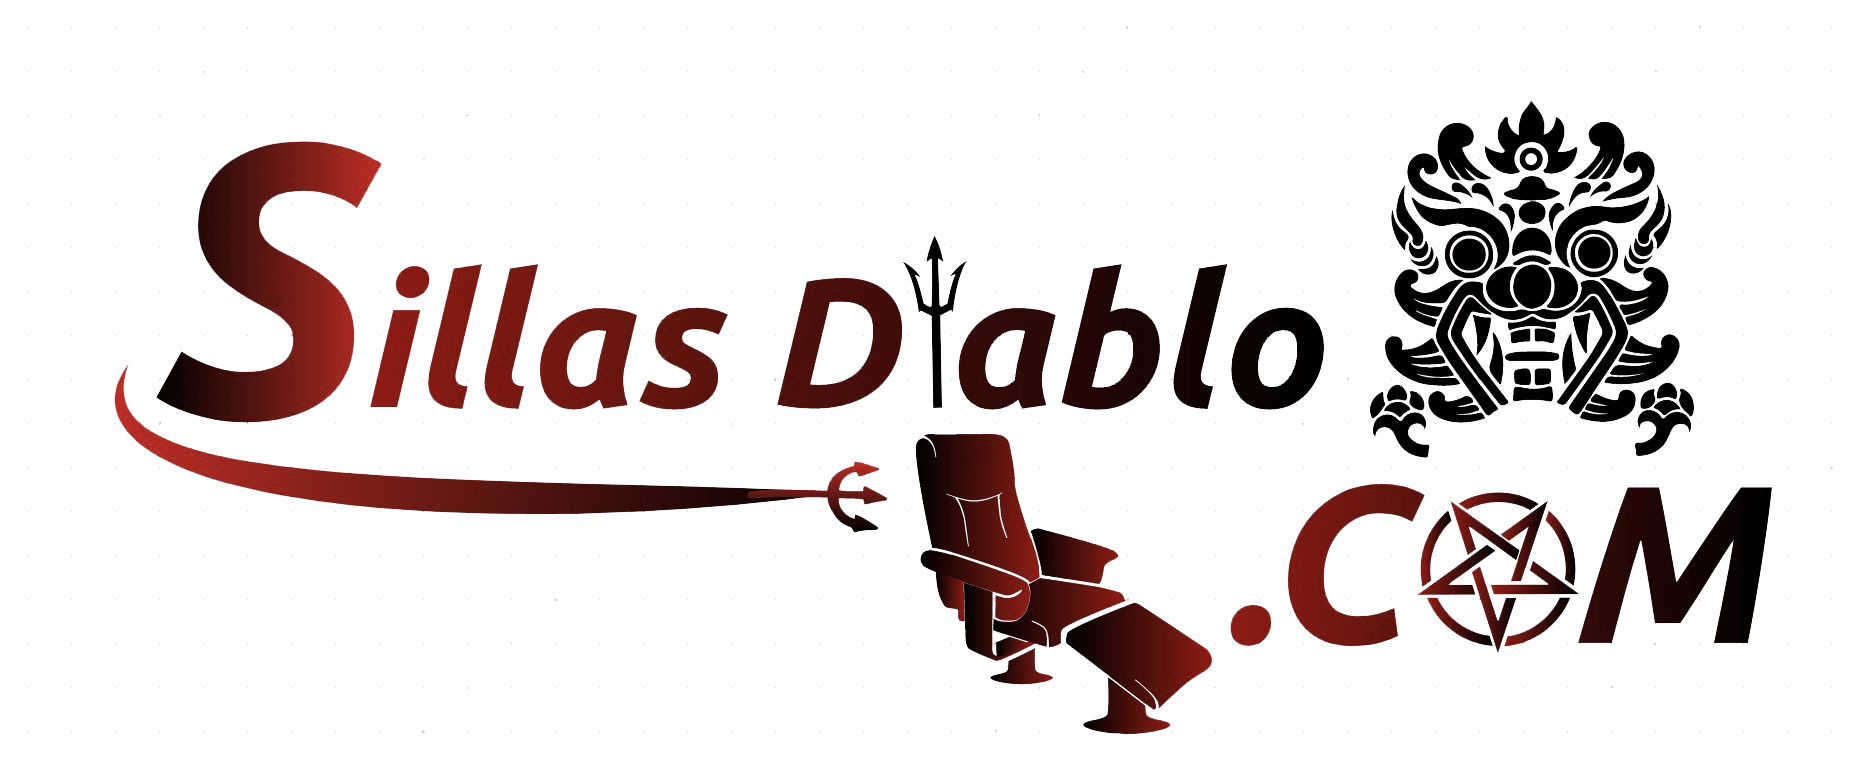 sillas diablo tienda